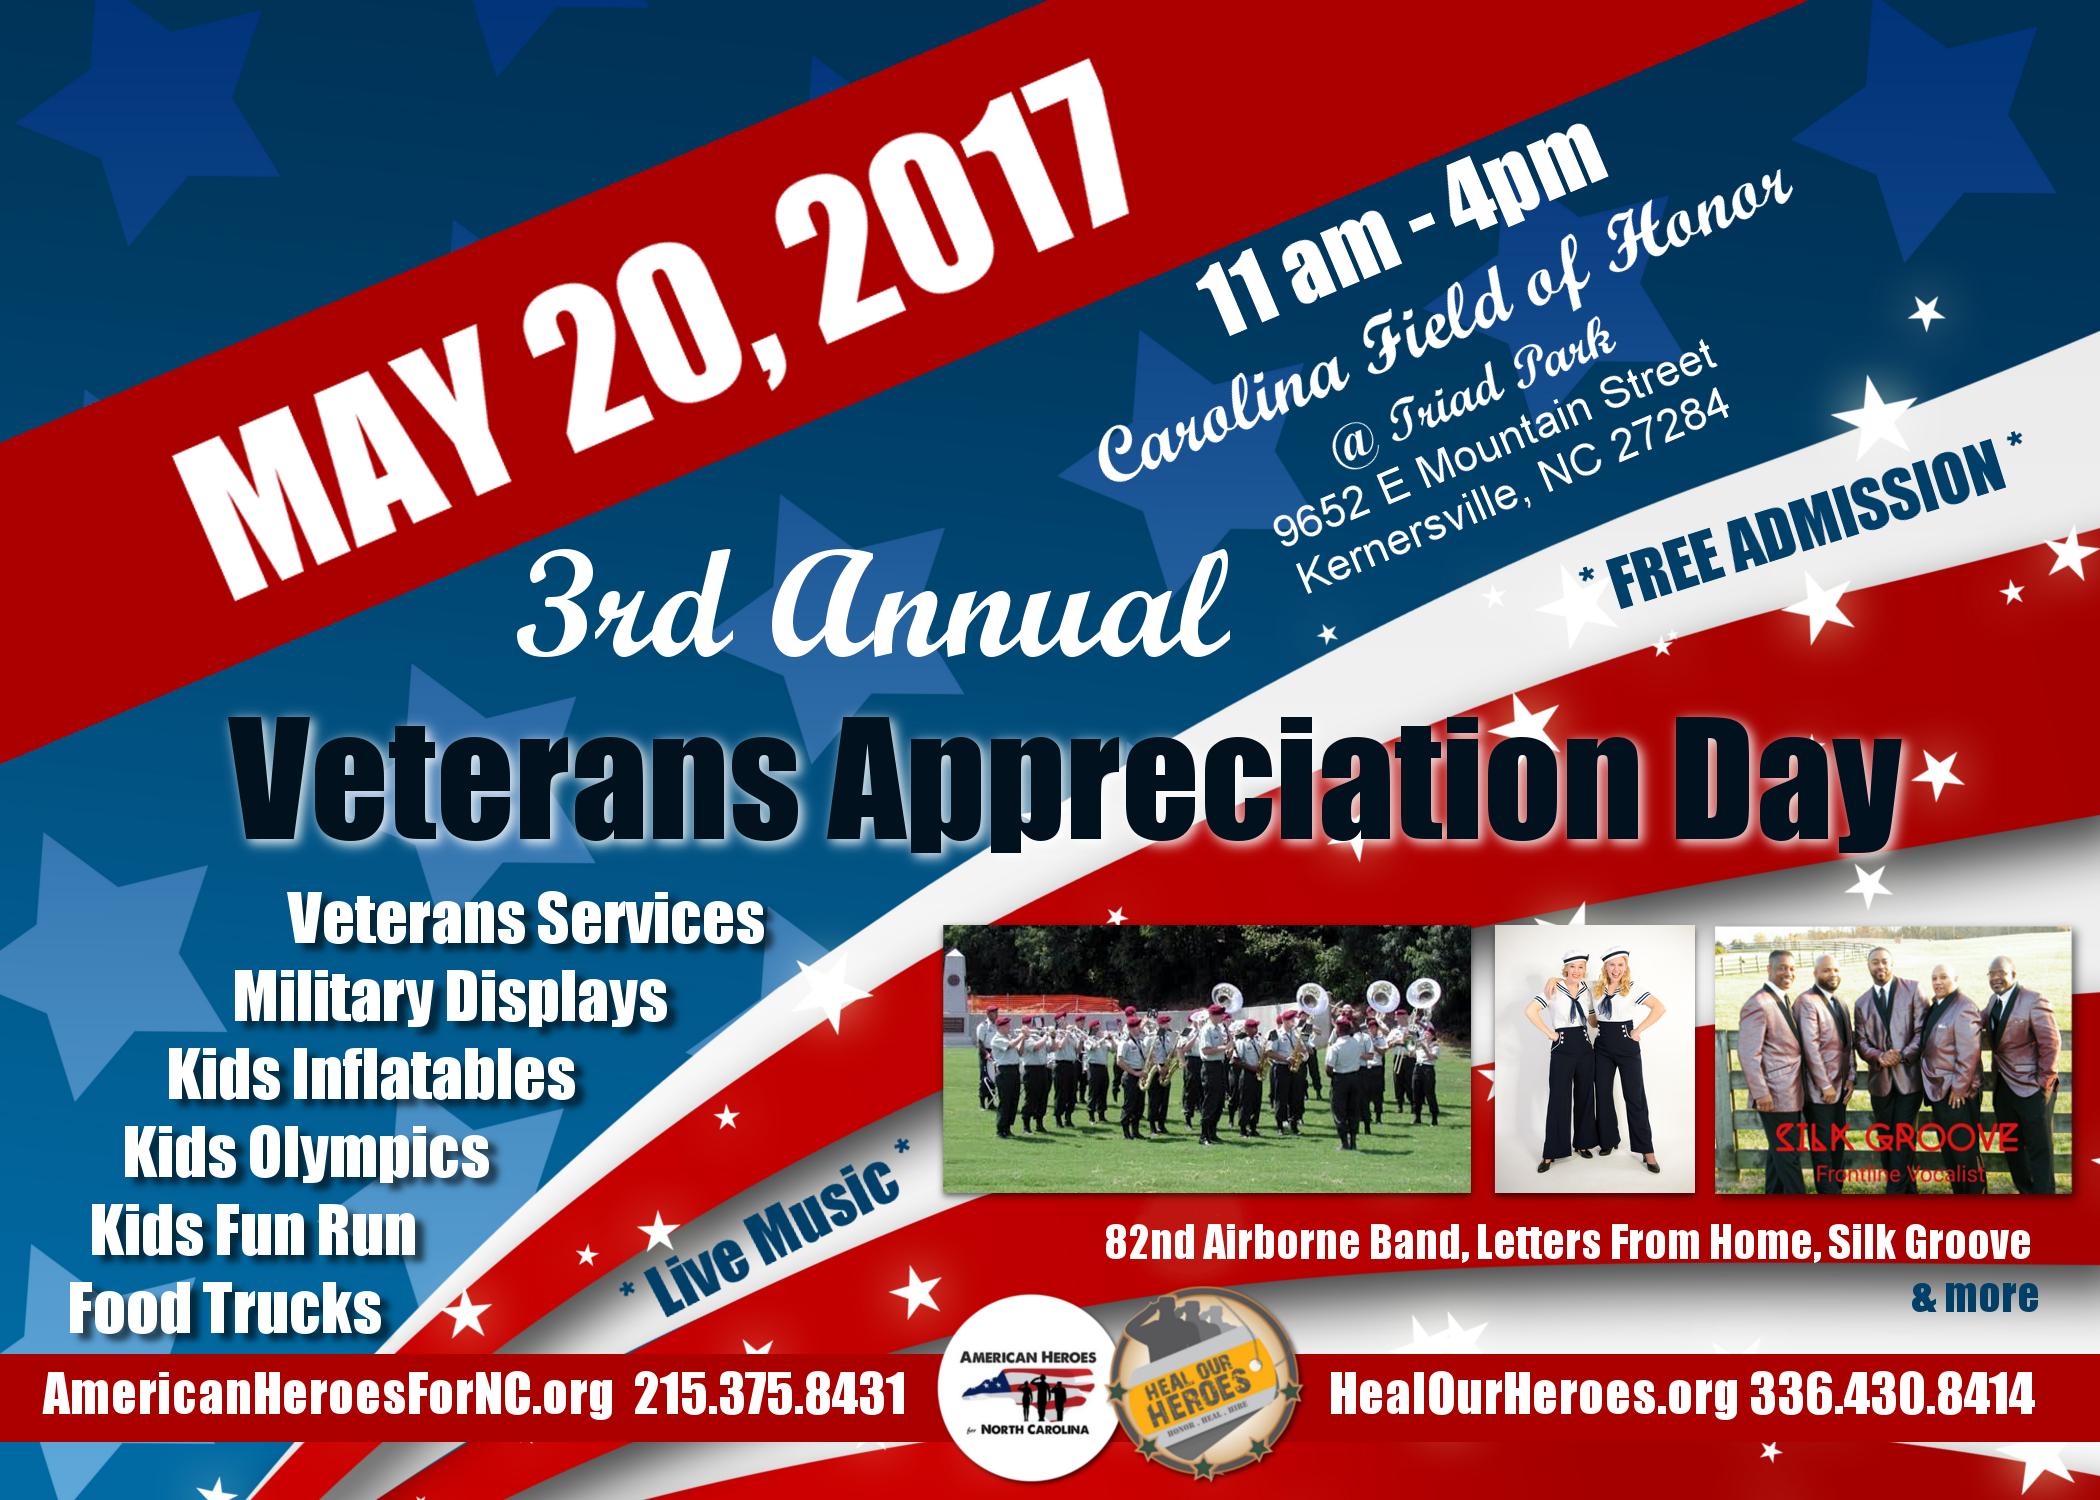 Veterans-Appreciation-2017-web-full-1-2.png